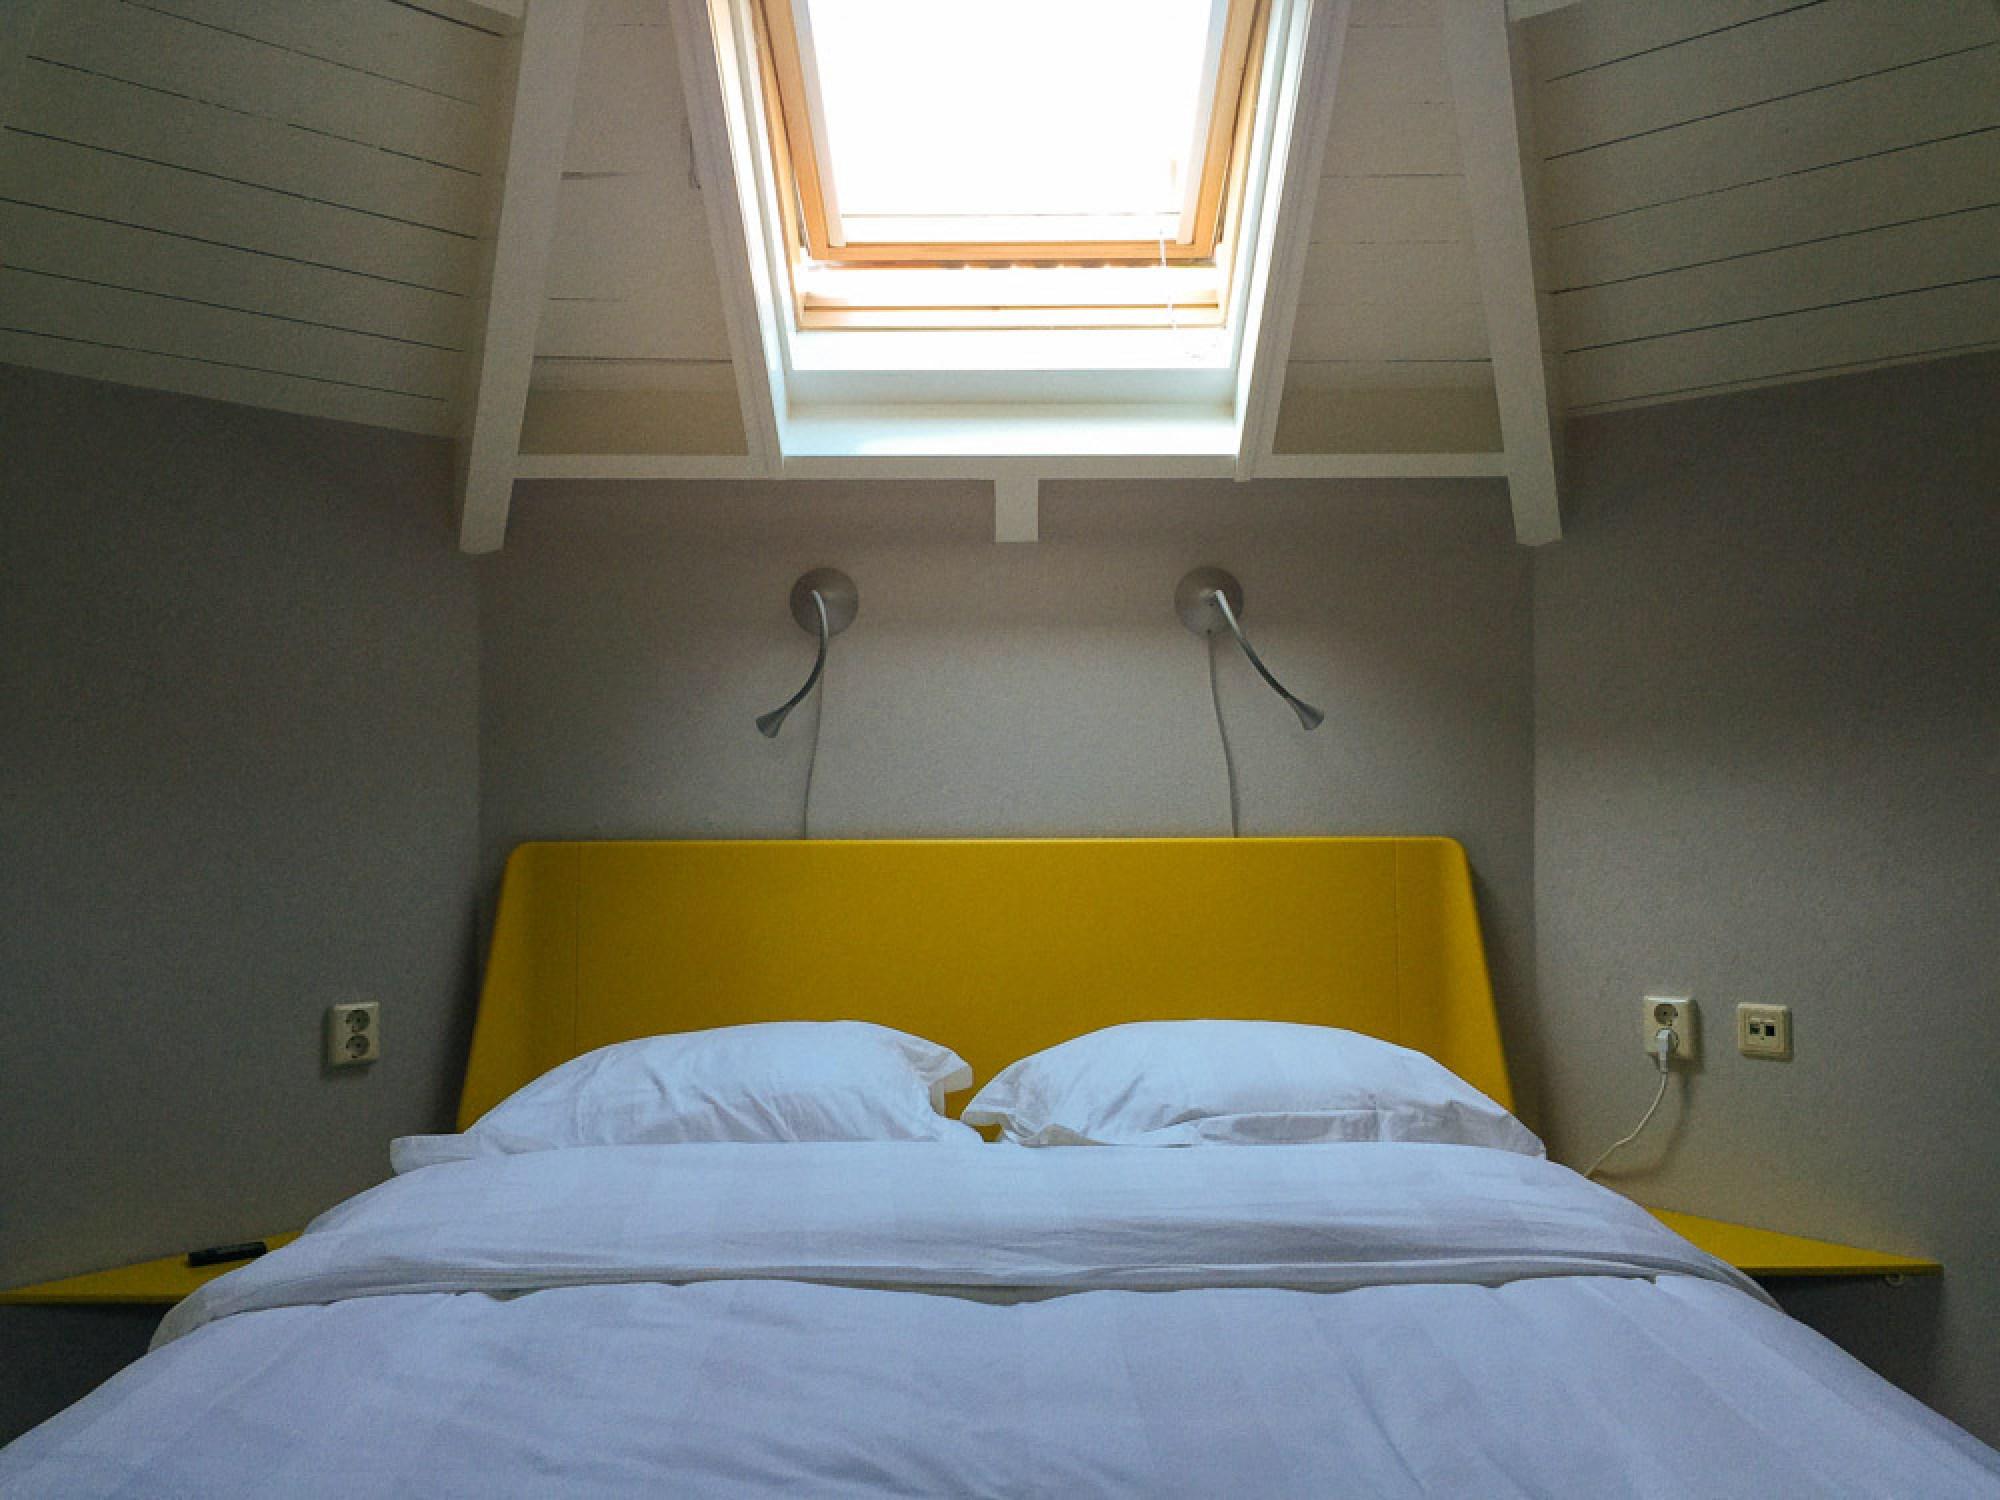 Hotel de WIndeketel - Special stay in Amsterdam